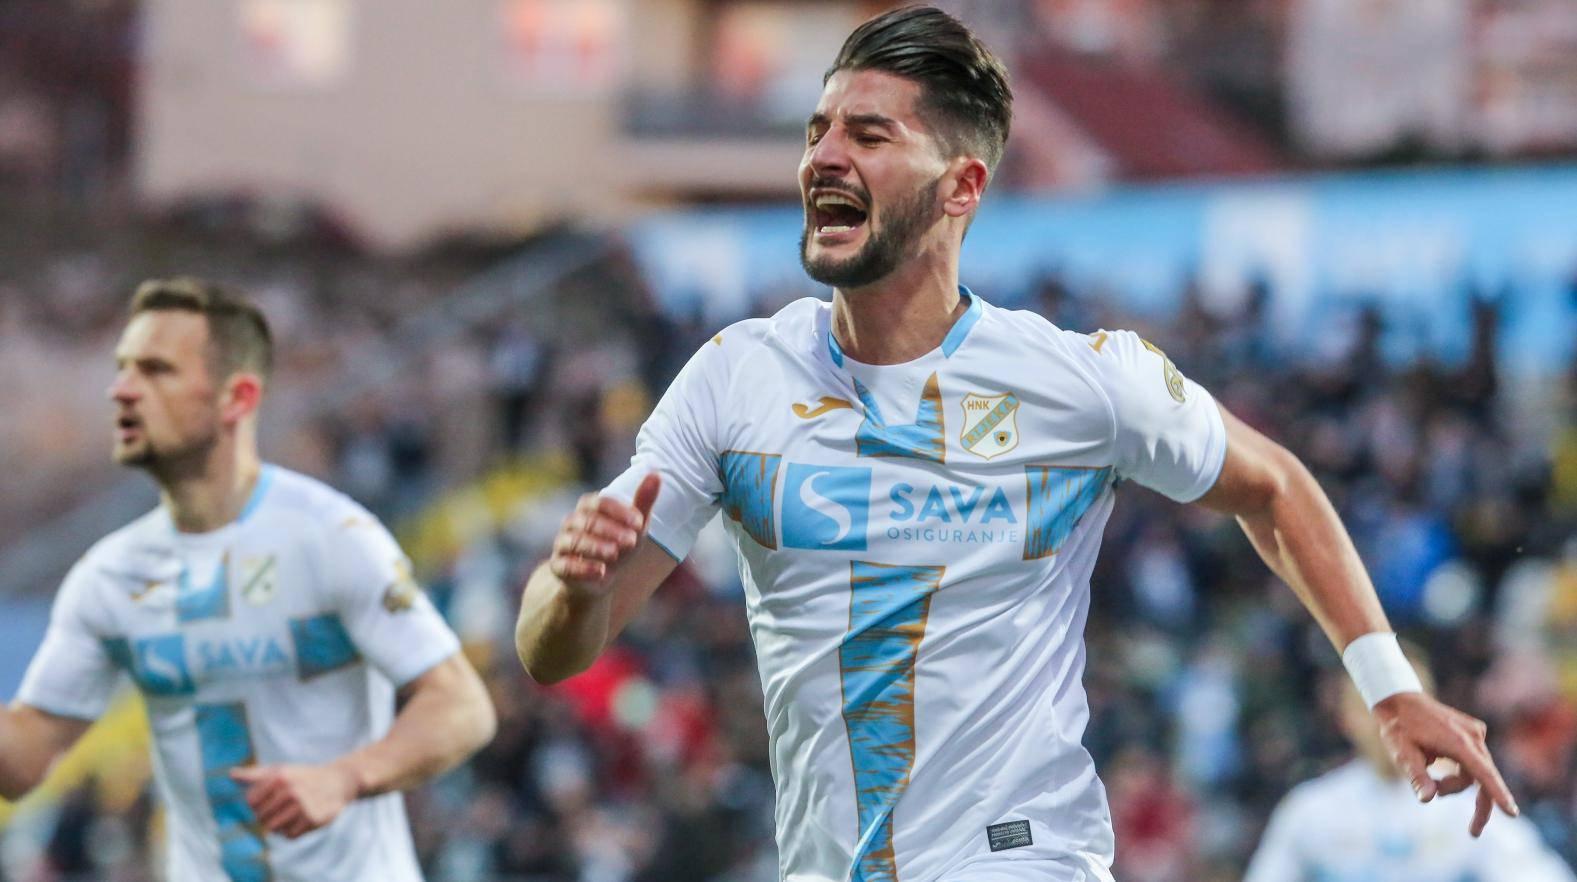 Rijeka i Dinamo sastali se u četvrtfinalu hrvatskog nogometnog kupa